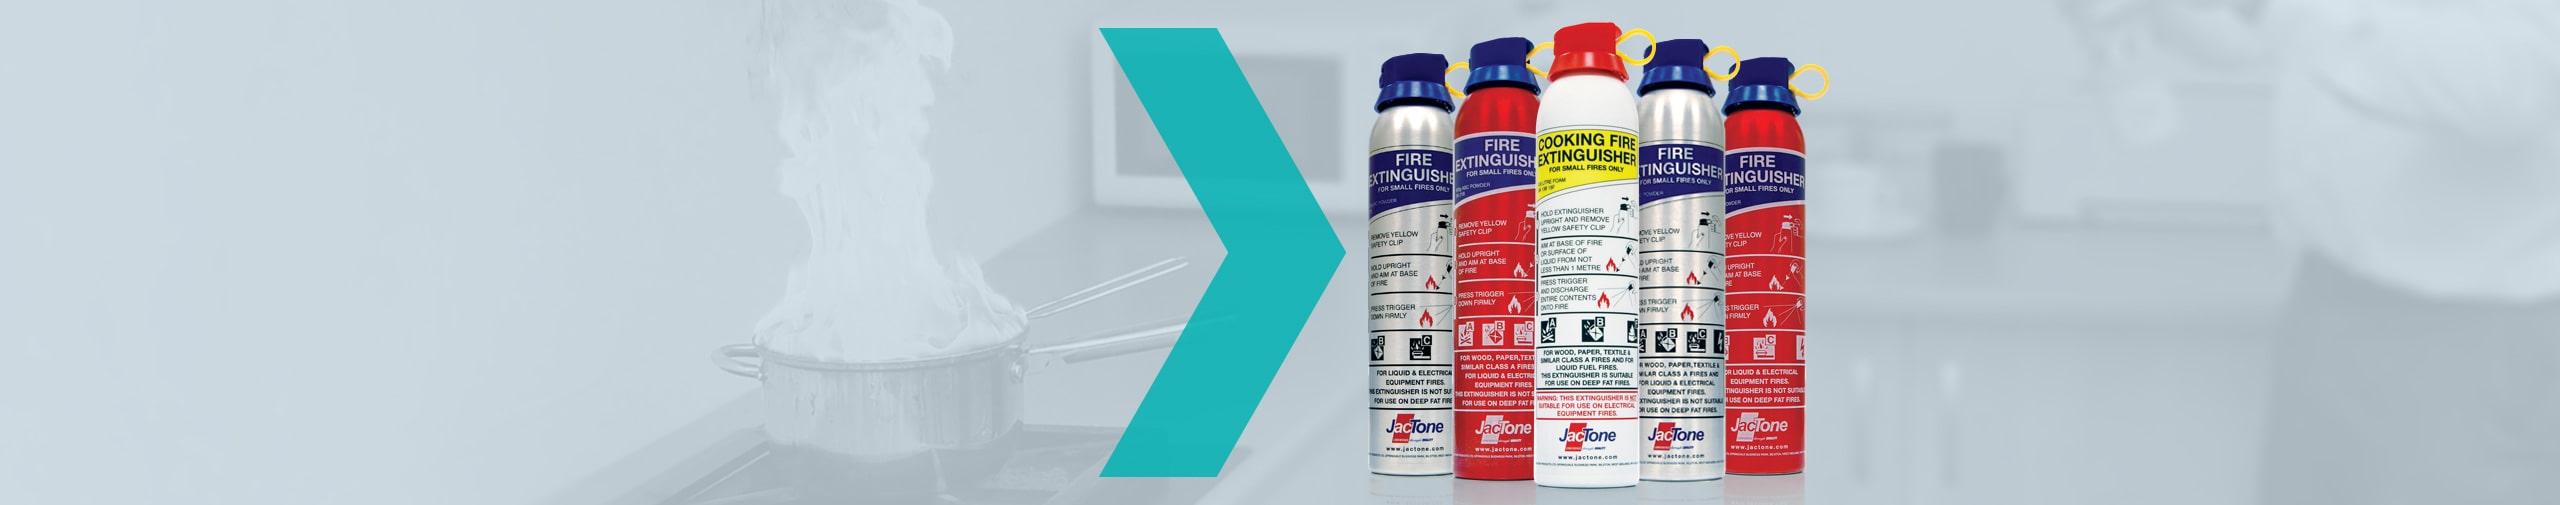 Jactone Aerosol Fire Extinguishers